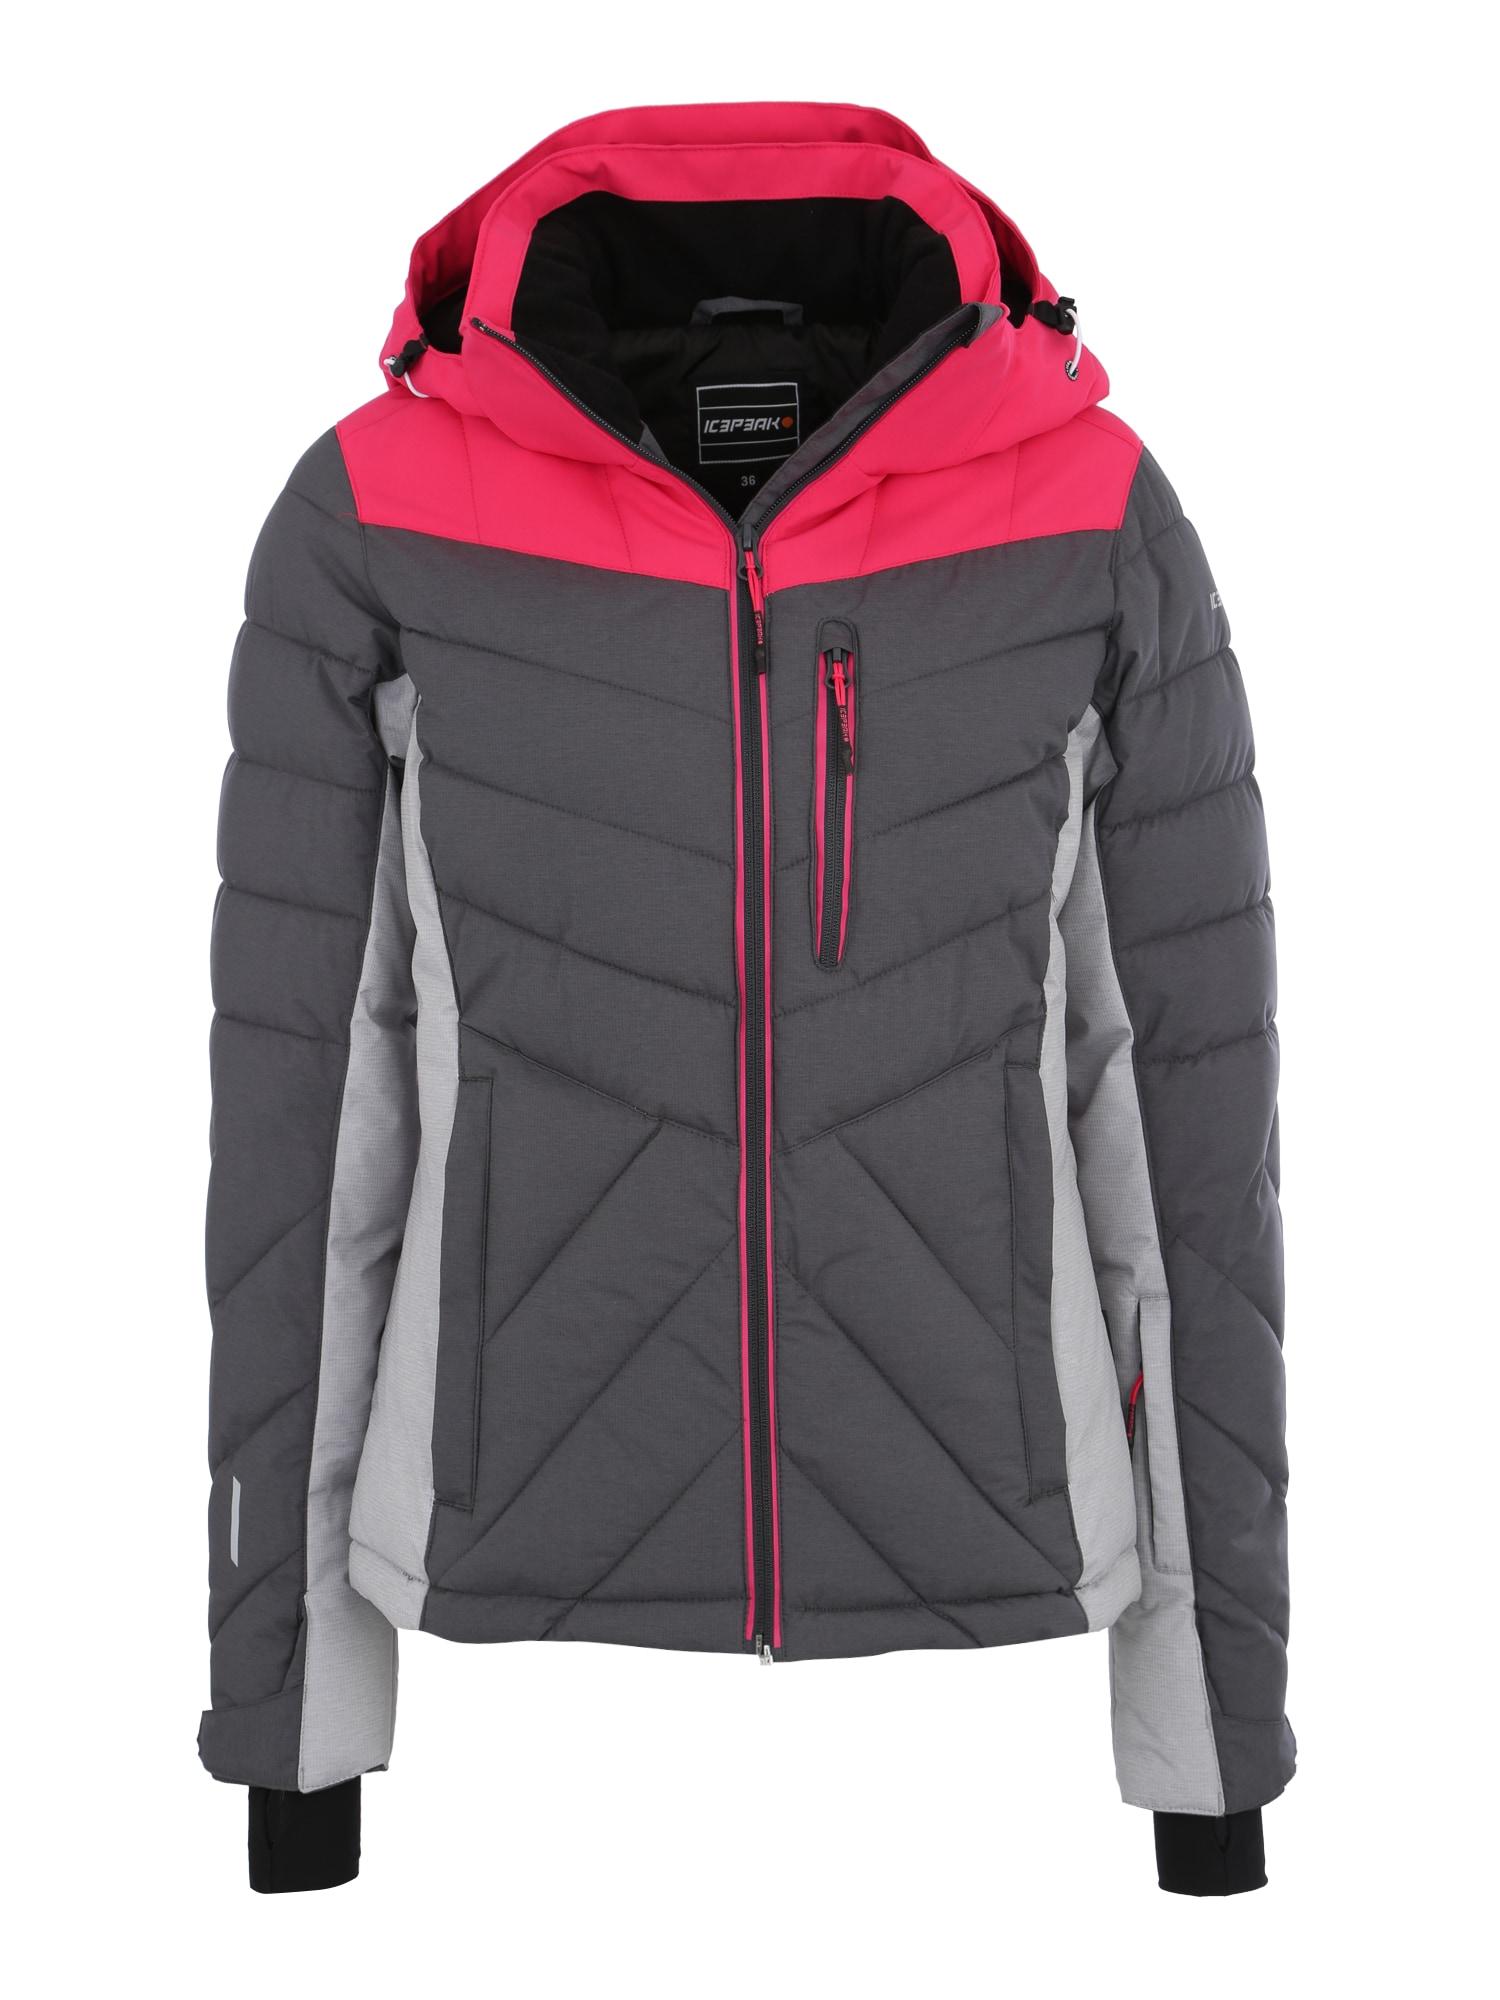 Sportovní bunda Kendra šedá tmavě šedá tmavě růžová ICEPEAK